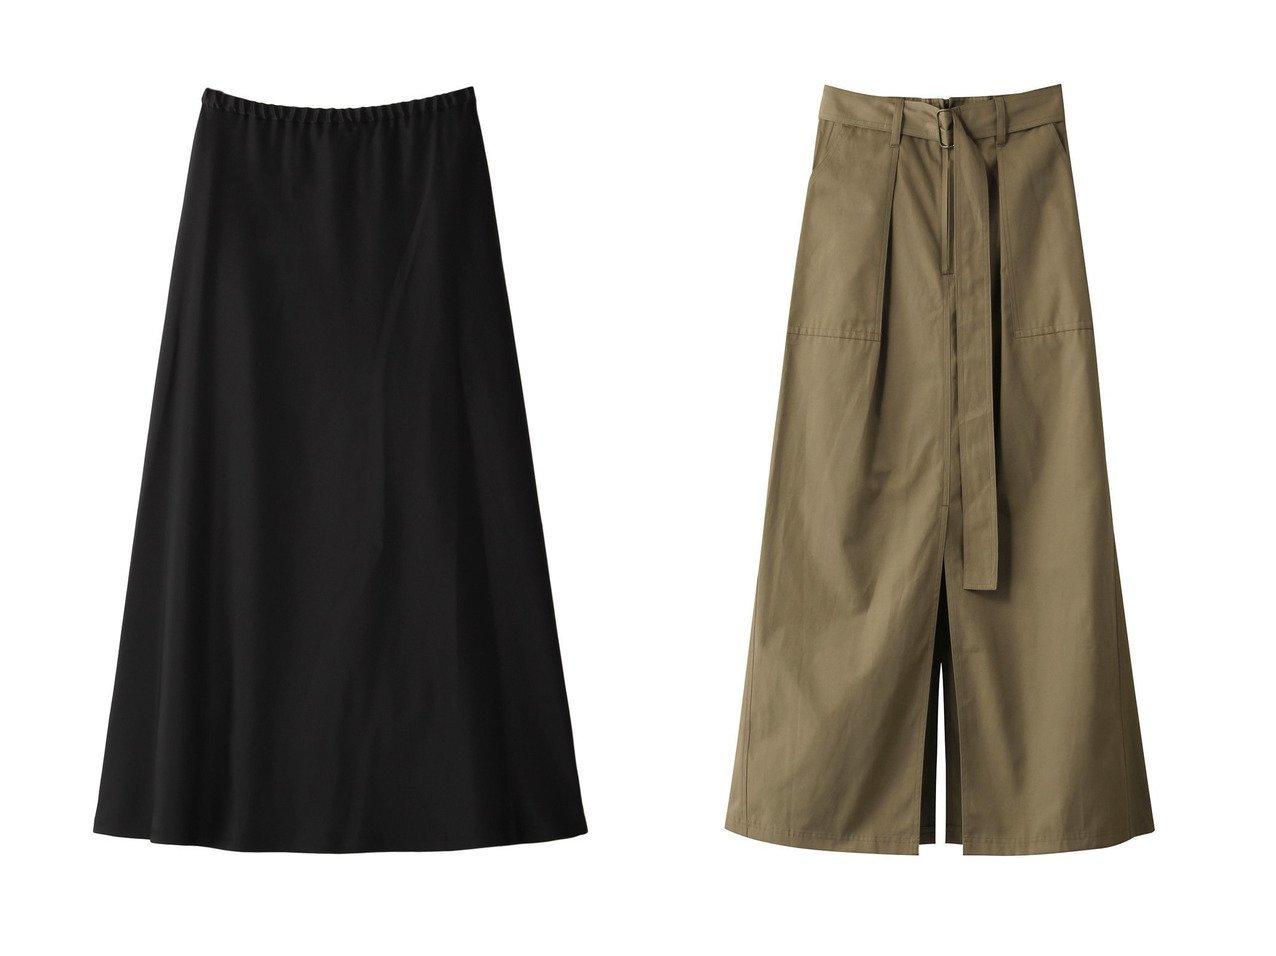 【LE PHIL/ル フィル】のクラシックサテンスカート&【Whim Gazette/ウィムガゼット】の【THE PAUSE】ベイカータイトスカート 【スカート】おすすめ!人気、トレンド・レディースファッションの通販 おすすめで人気の流行・トレンド、ファッションの通販商品 インテリア・家具・メンズファッション・キッズファッション・レディースファッション・服の通販 founy(ファニー) https://founy.com/ ファッション Fashion レディースファッション WOMEN スカート Skirt ロングスカート Long Skirt サテン シンプル フレア ロング トレンド ファブリック マキシ モチーフ ワーク 定番 Standard |ID:crp329100000072098